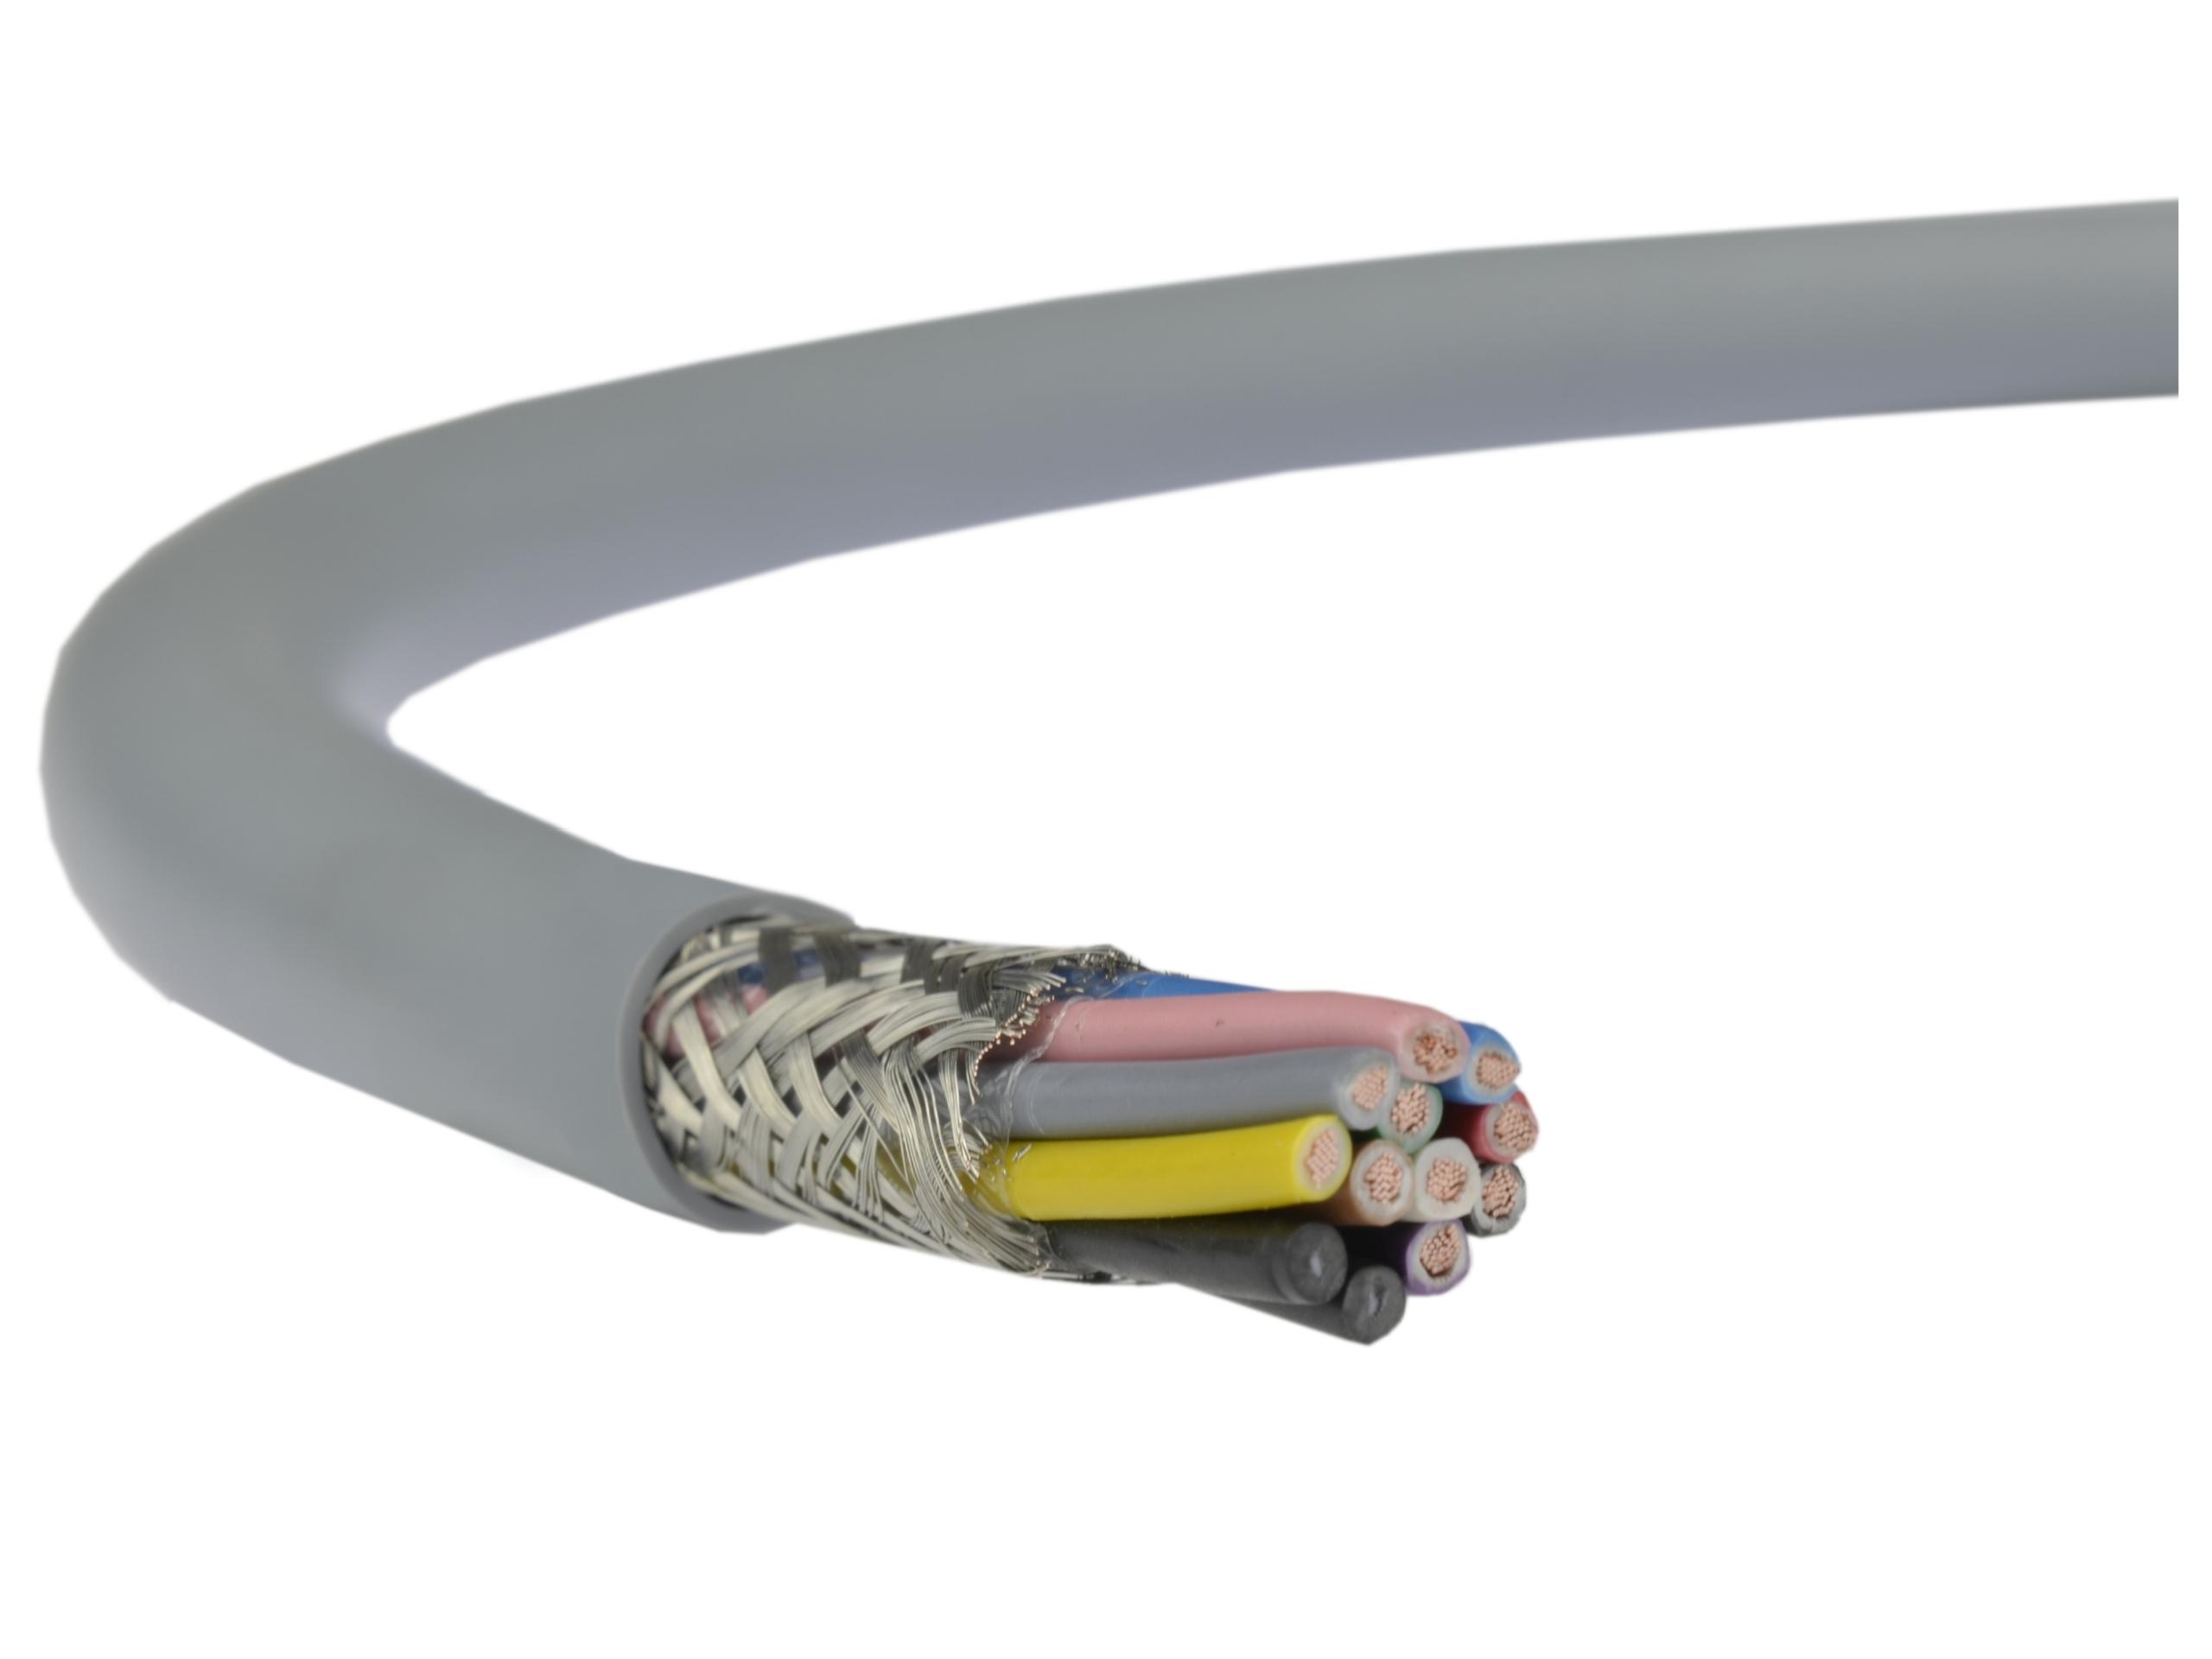 Kábel kábla v obrazovke Liycy 10x1